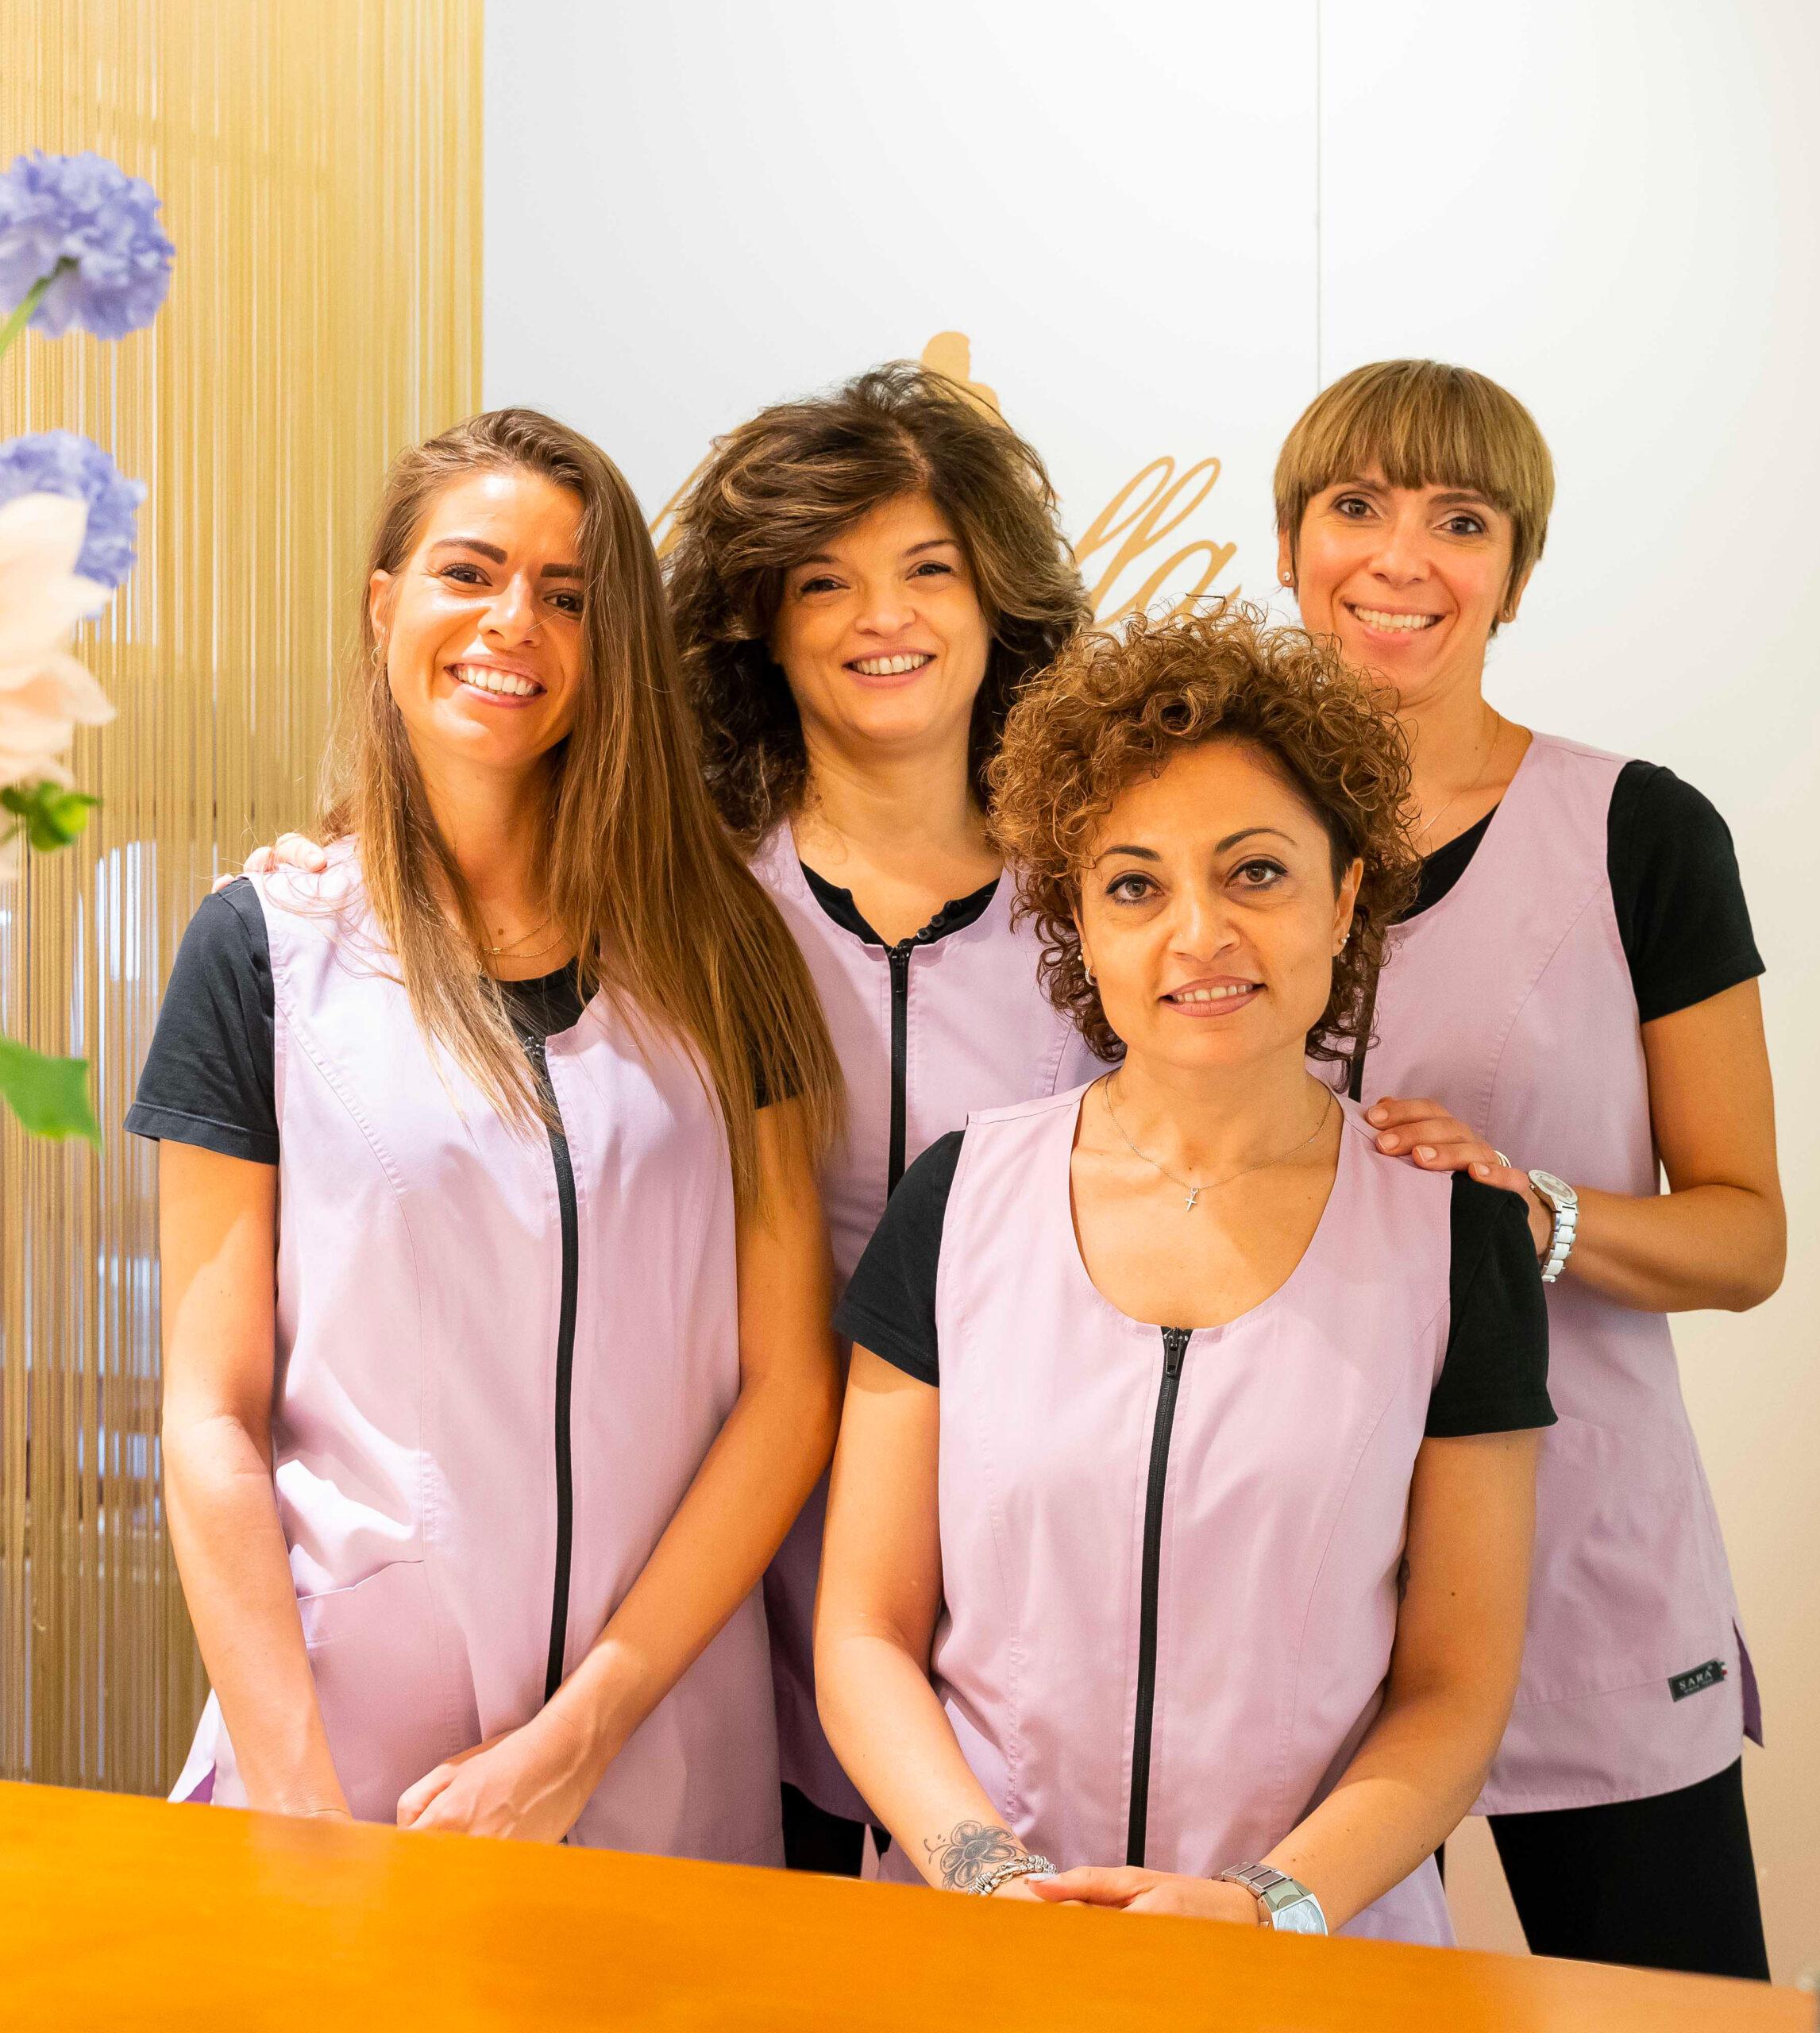 staff donne fe ricette light programma dieta mediterranea perdere peso velocemente clinica di dimagrimento centro ferrara magrella